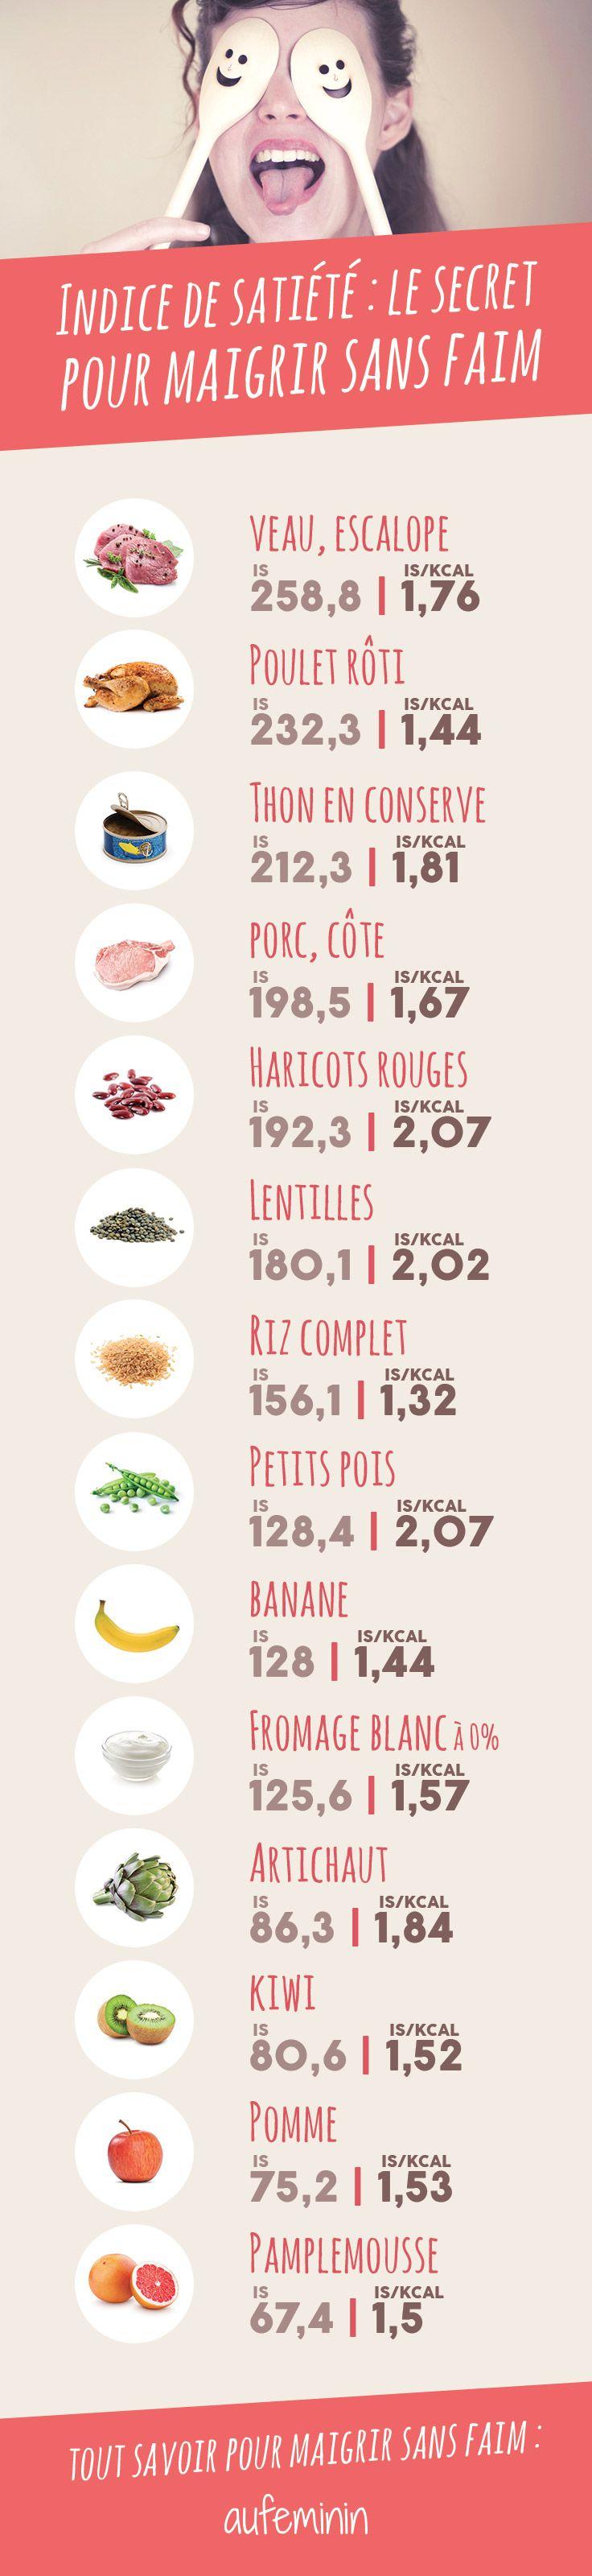 Et si on réapprenait à comprendre notre faim ? Comment mieux manger et maigrir en regardant l'indice de satiété ?